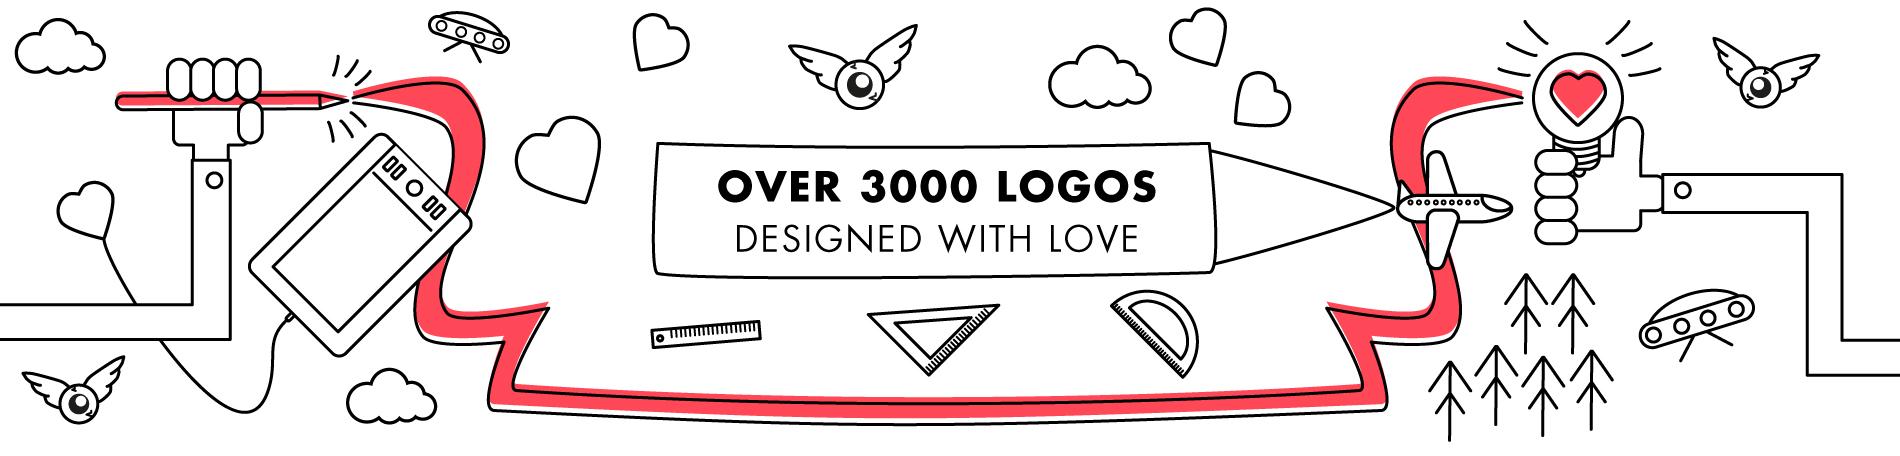 over-3000-logos-slide